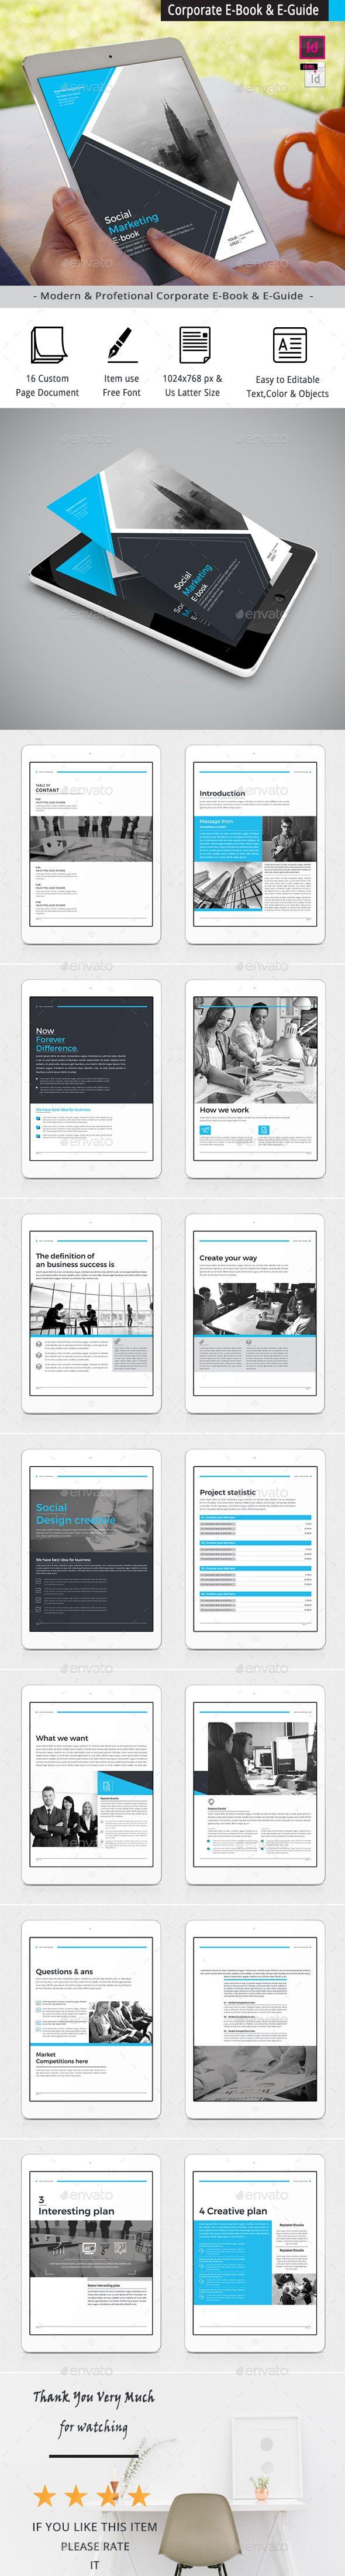 Mejores 215 imágenes de e-publishing Templates en Pinterest ...